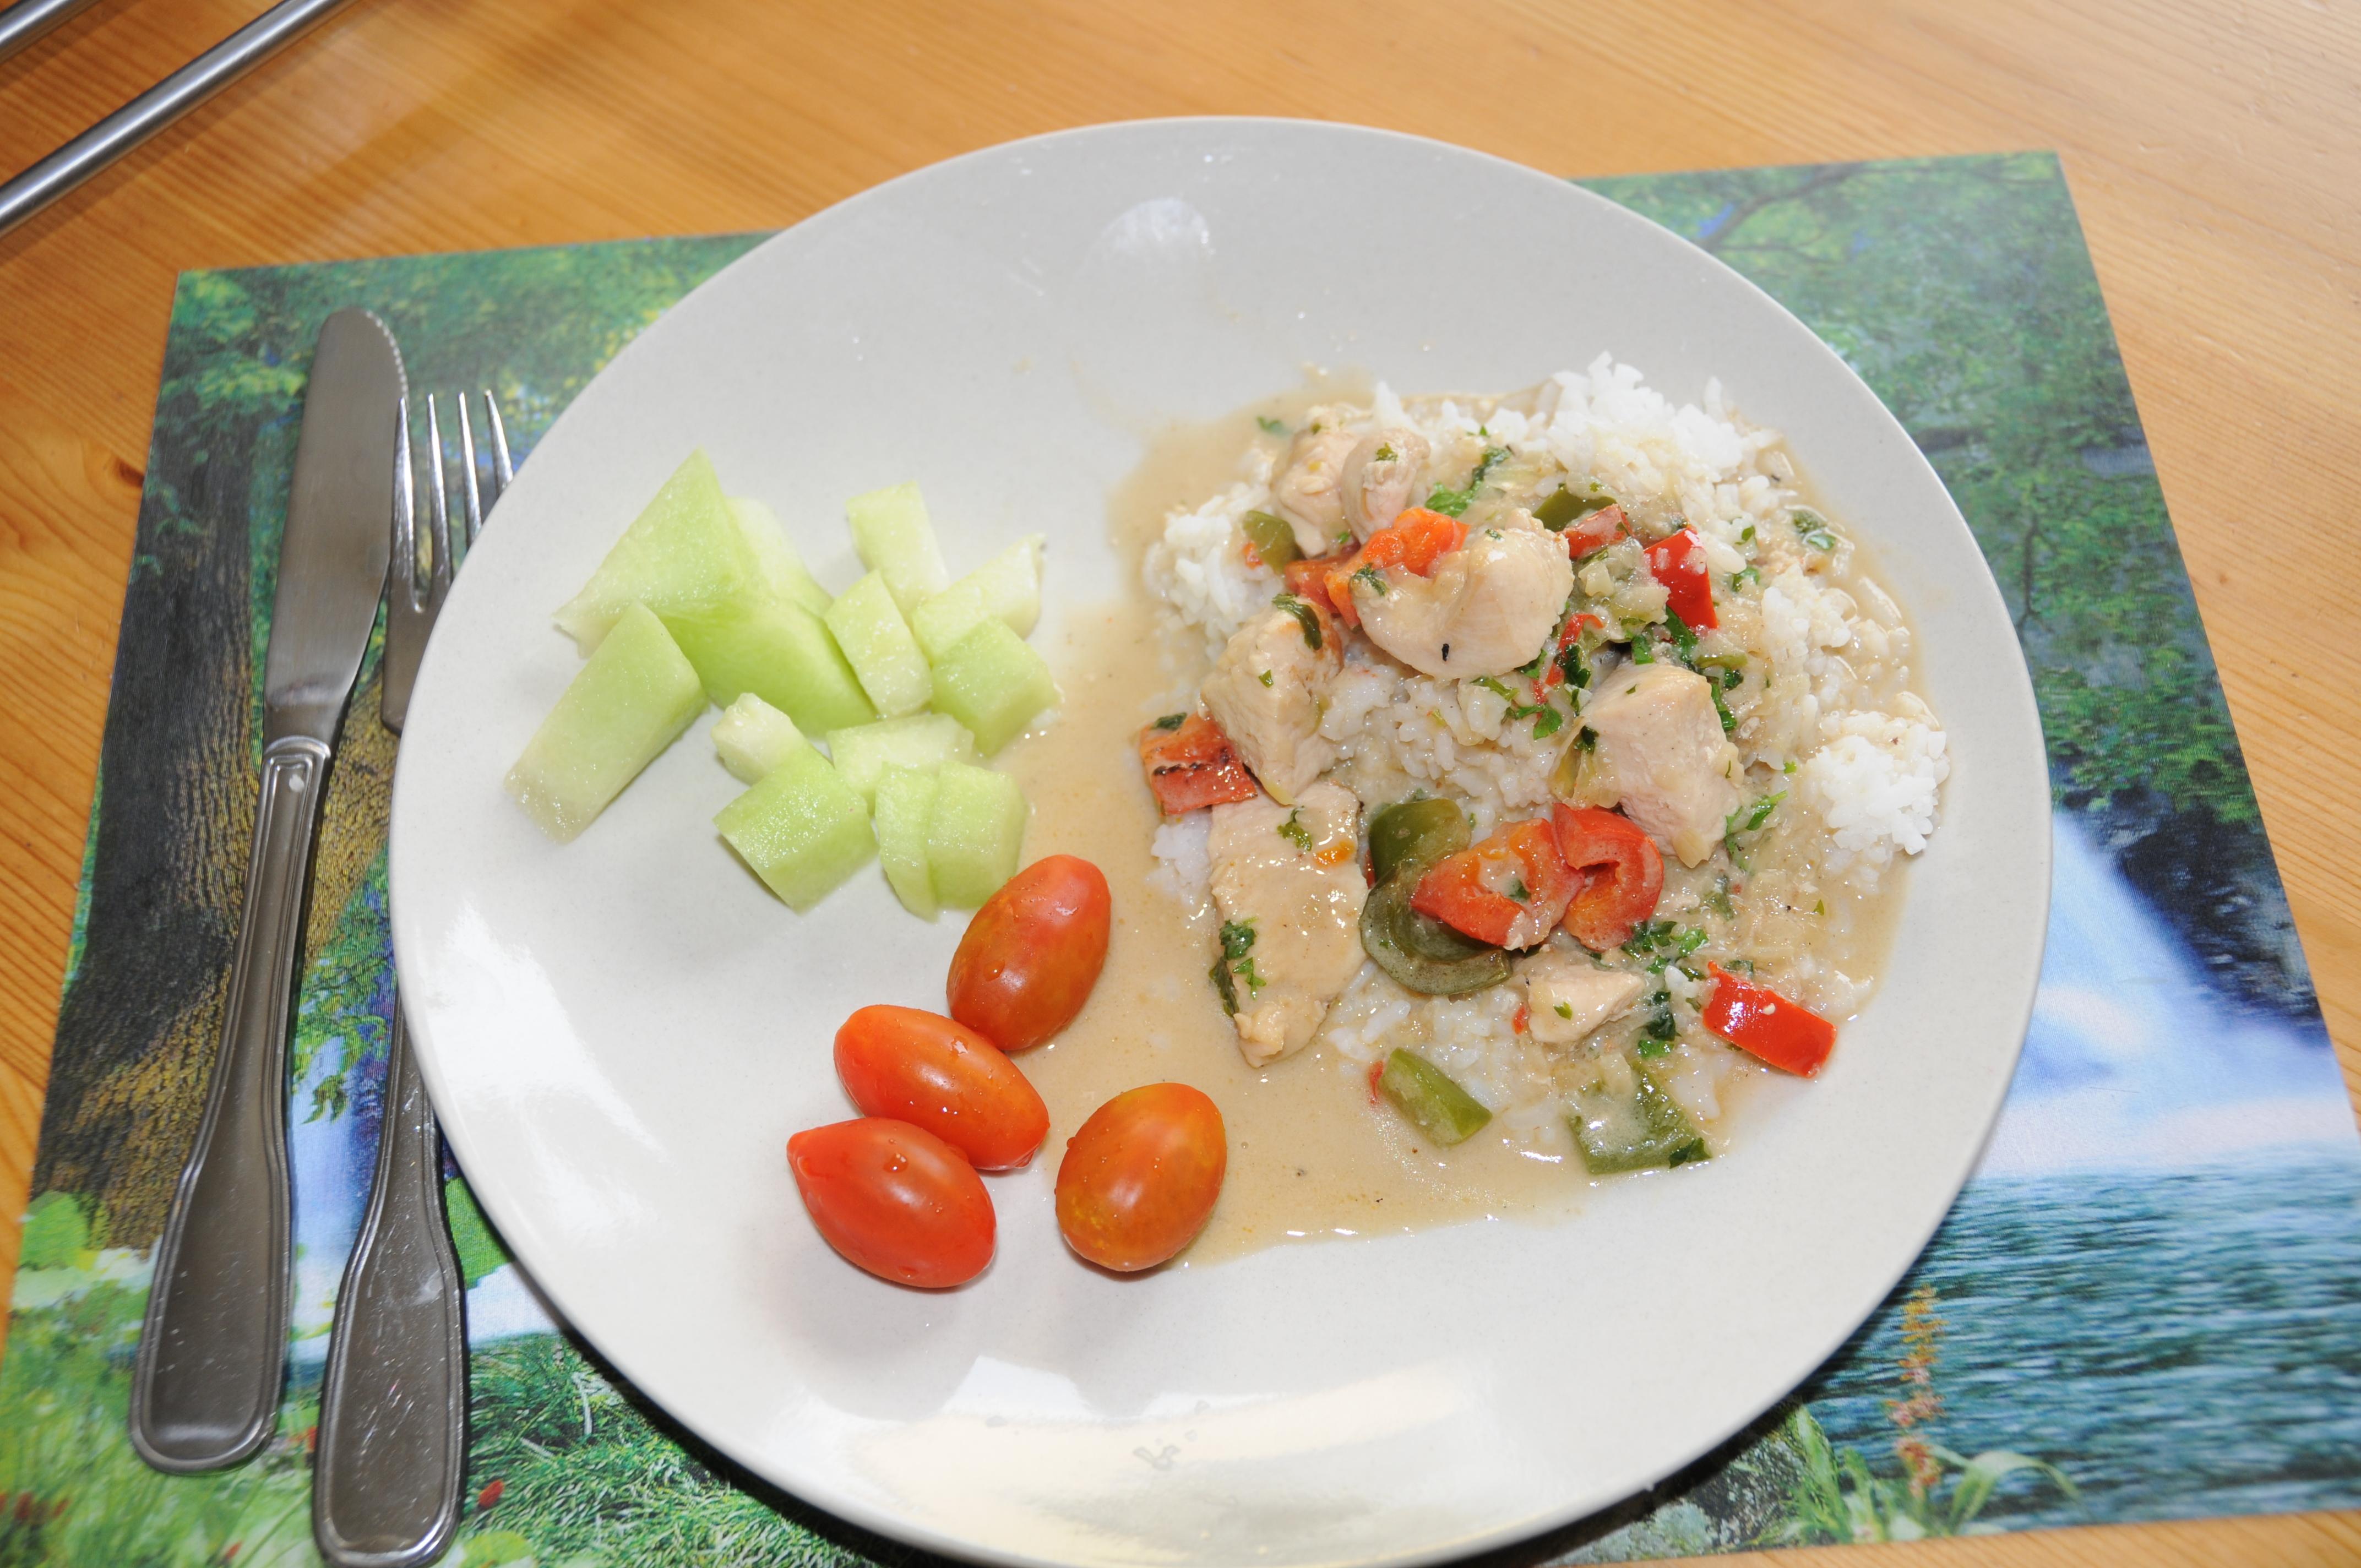 Snabb gryta med  thailänsk smak